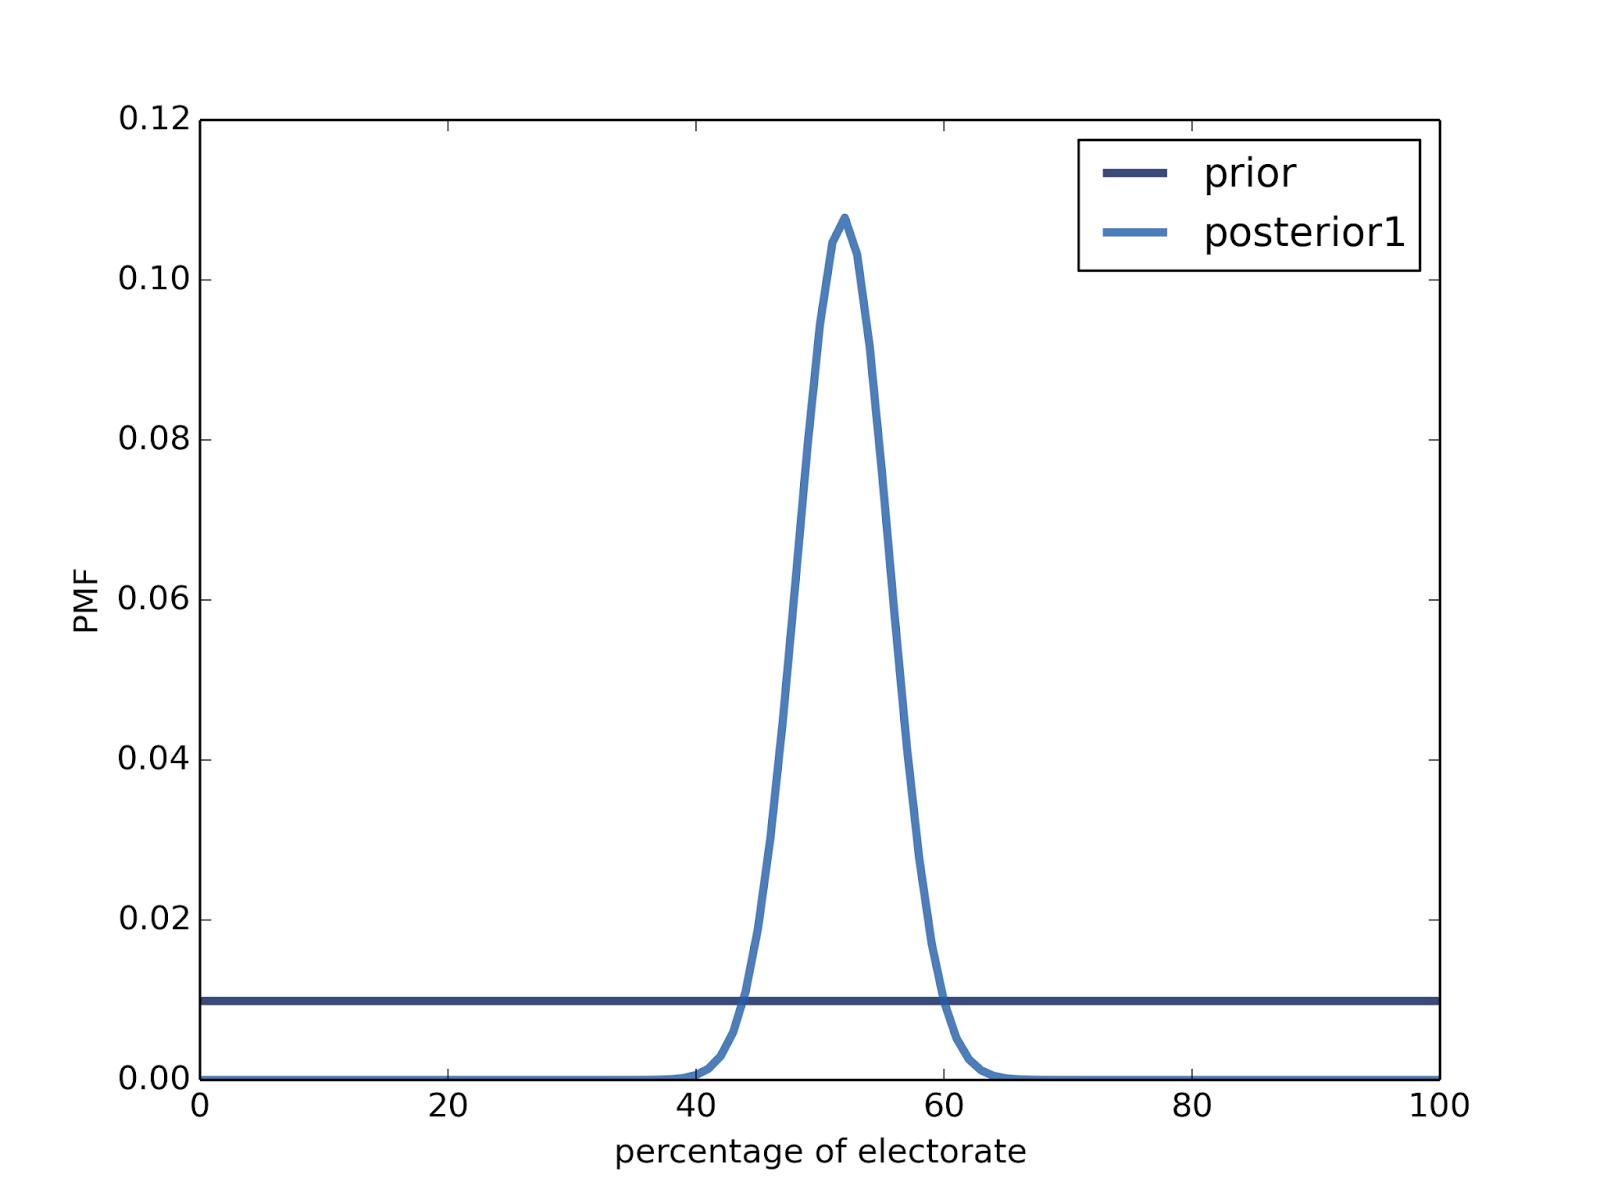 Bayesian election forecasting